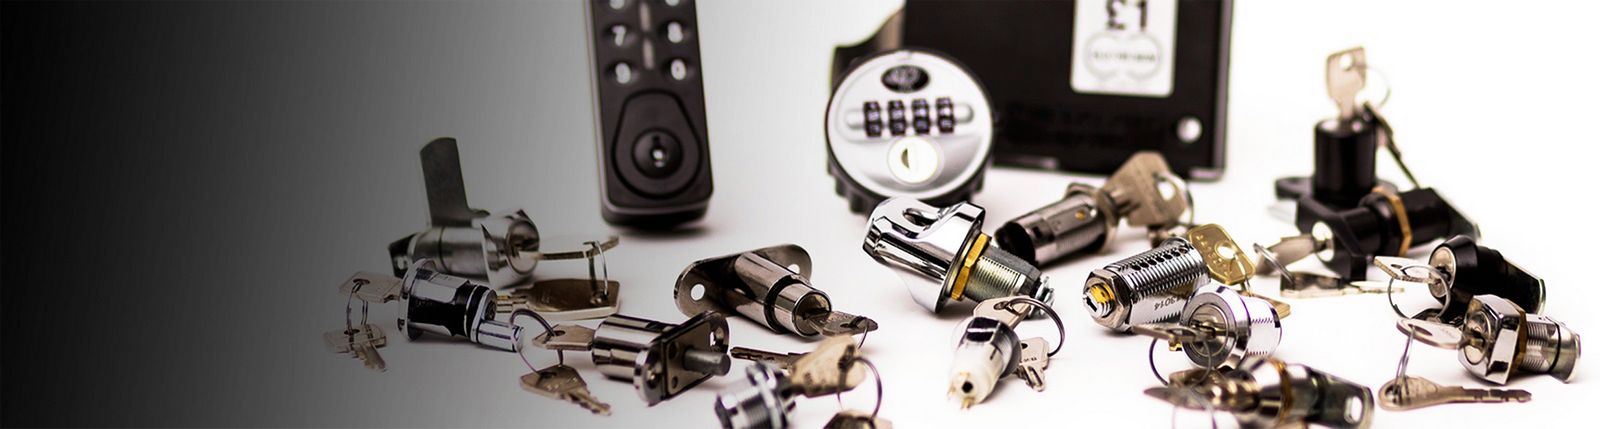 banner mostrando varias cerraduras para muebles y lockers. cerraduras electronicas y mecanicas